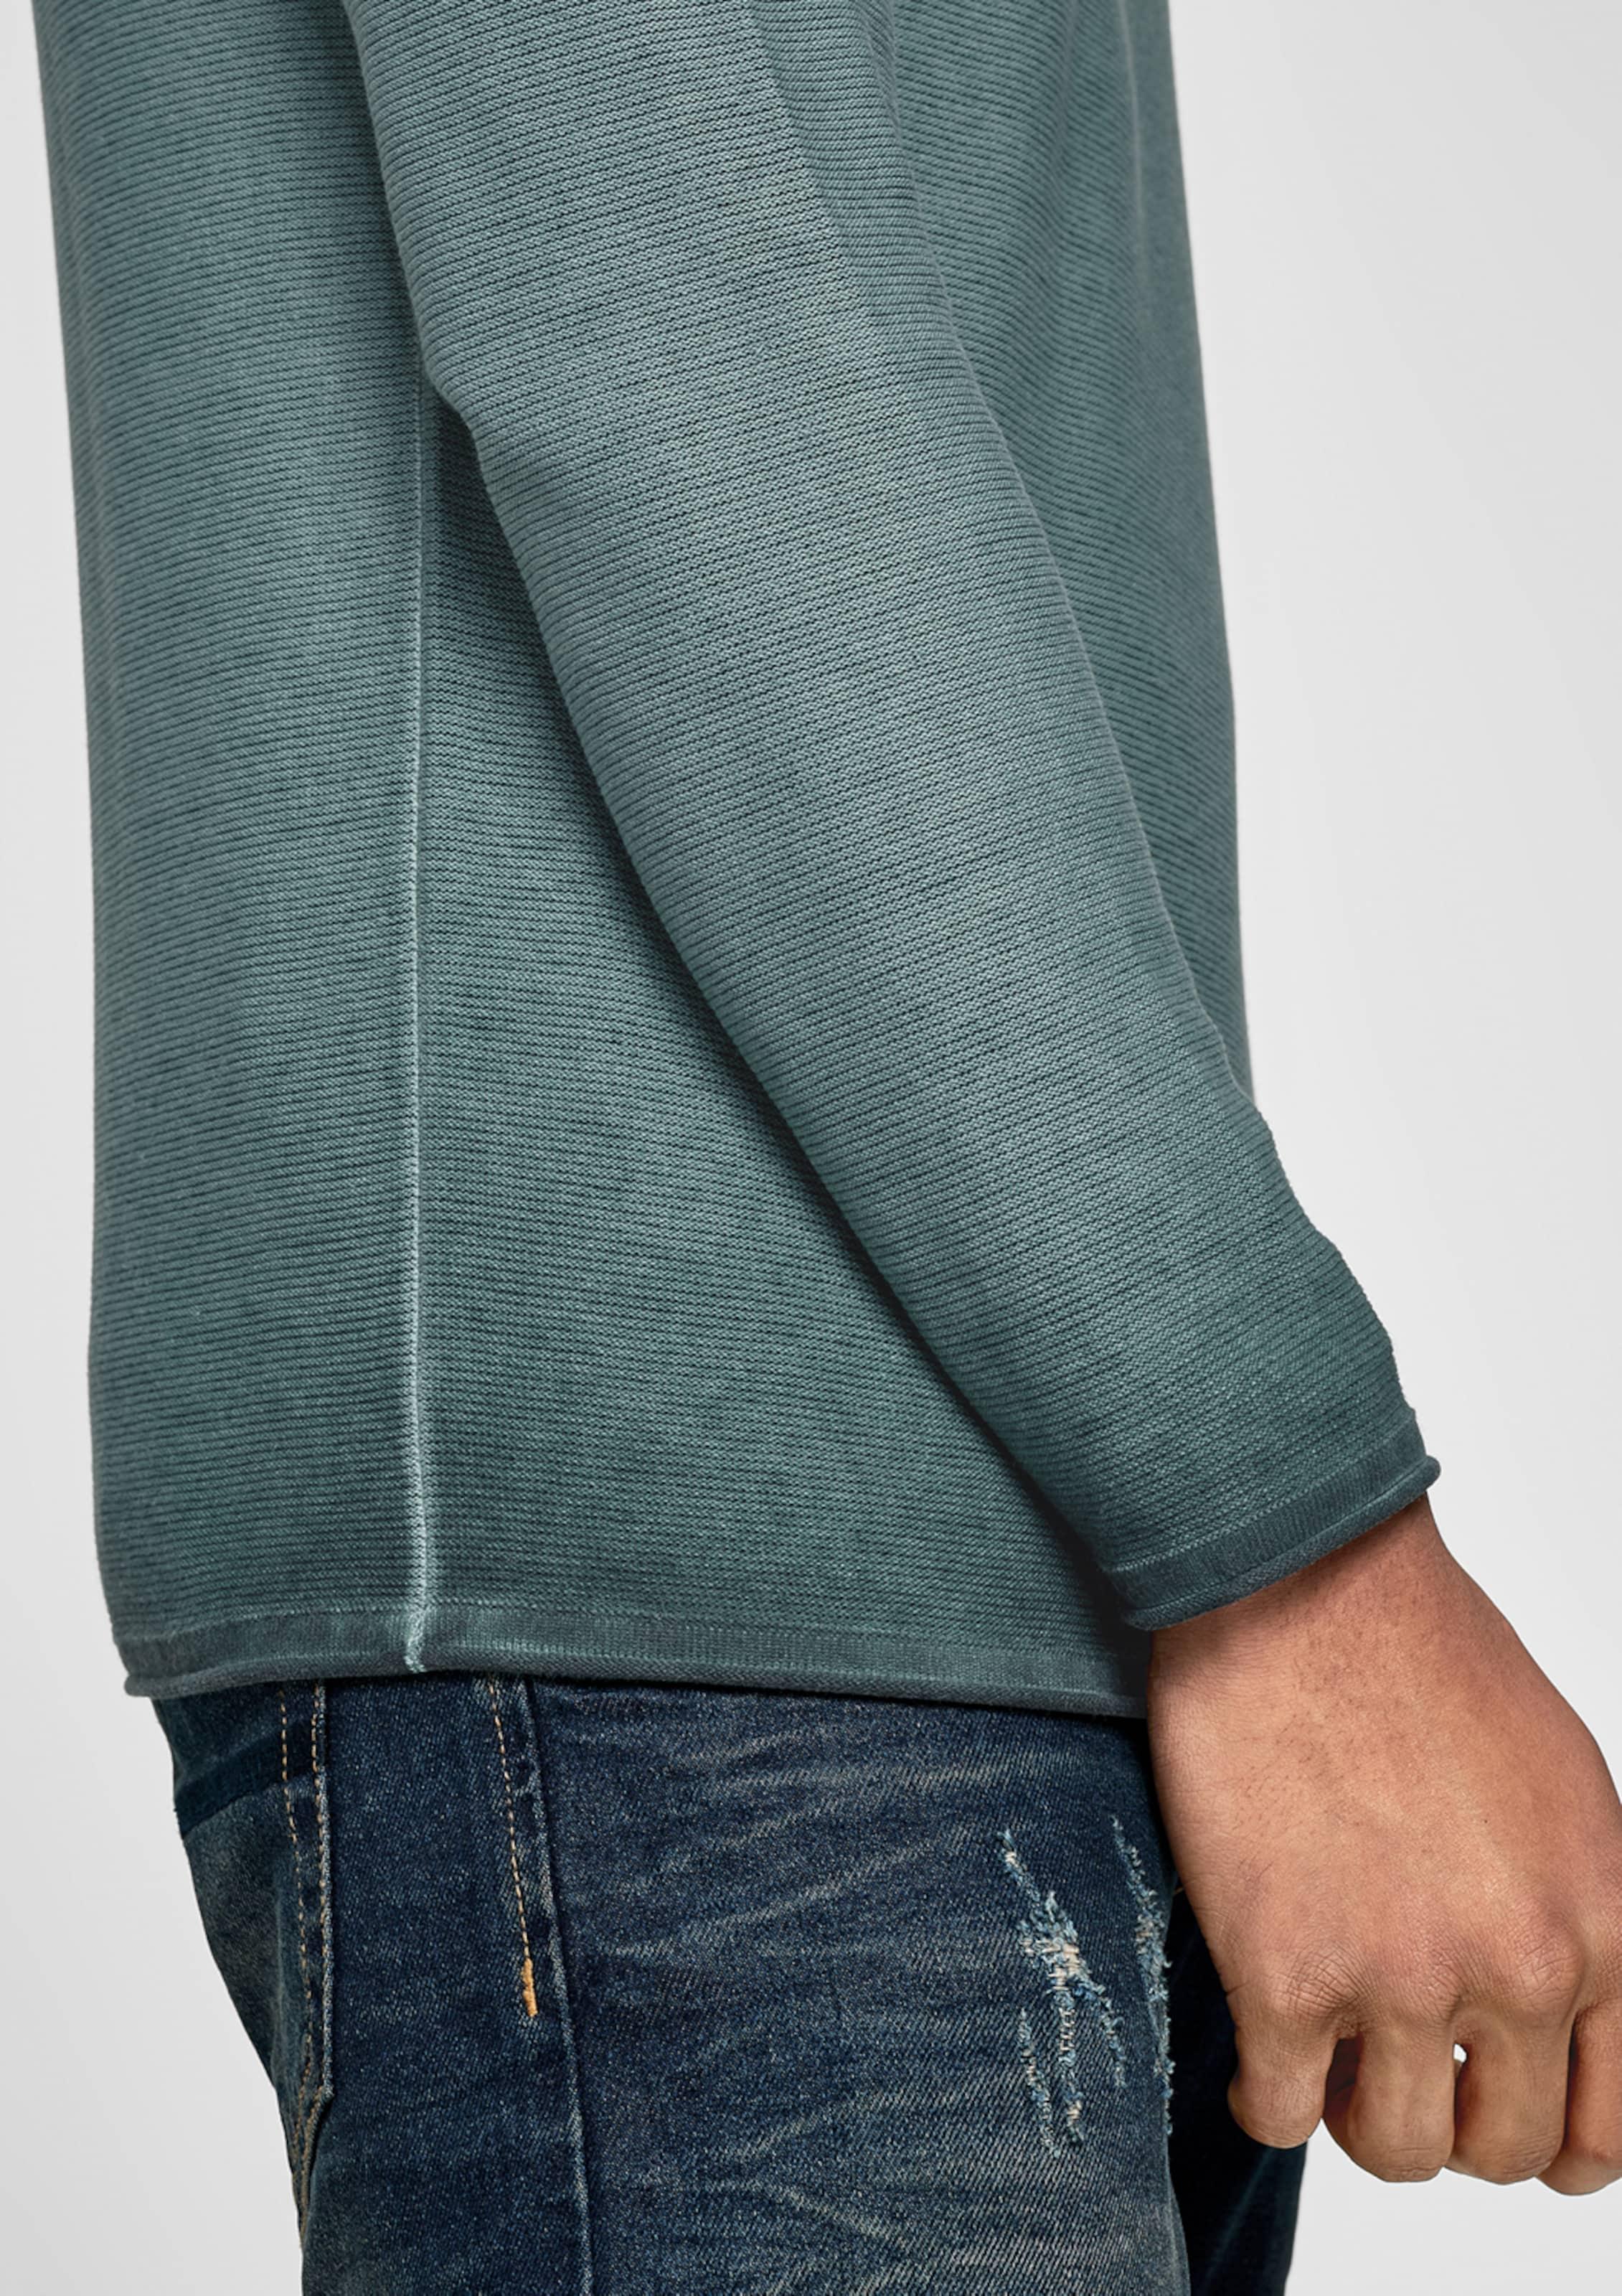 Pullover Q s Designed Pastellblau In By qzSUGMpV